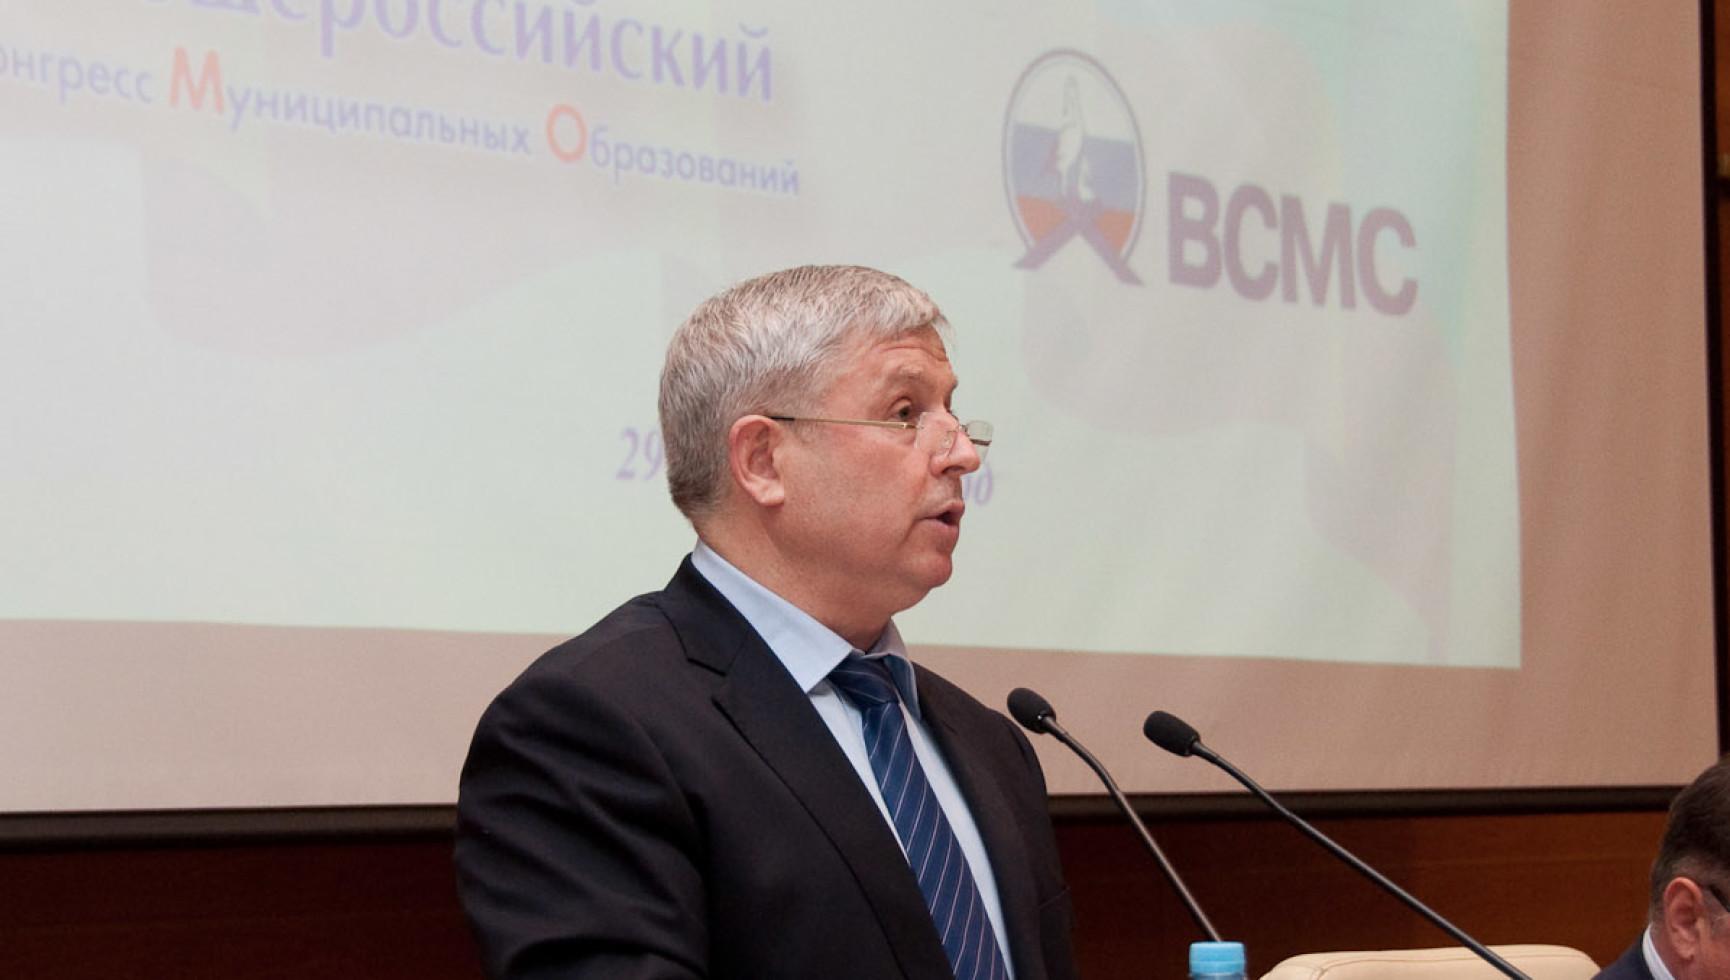 ОКМО — Виктор Кидяев дал интервью интернет-изданию «Главный региональный»